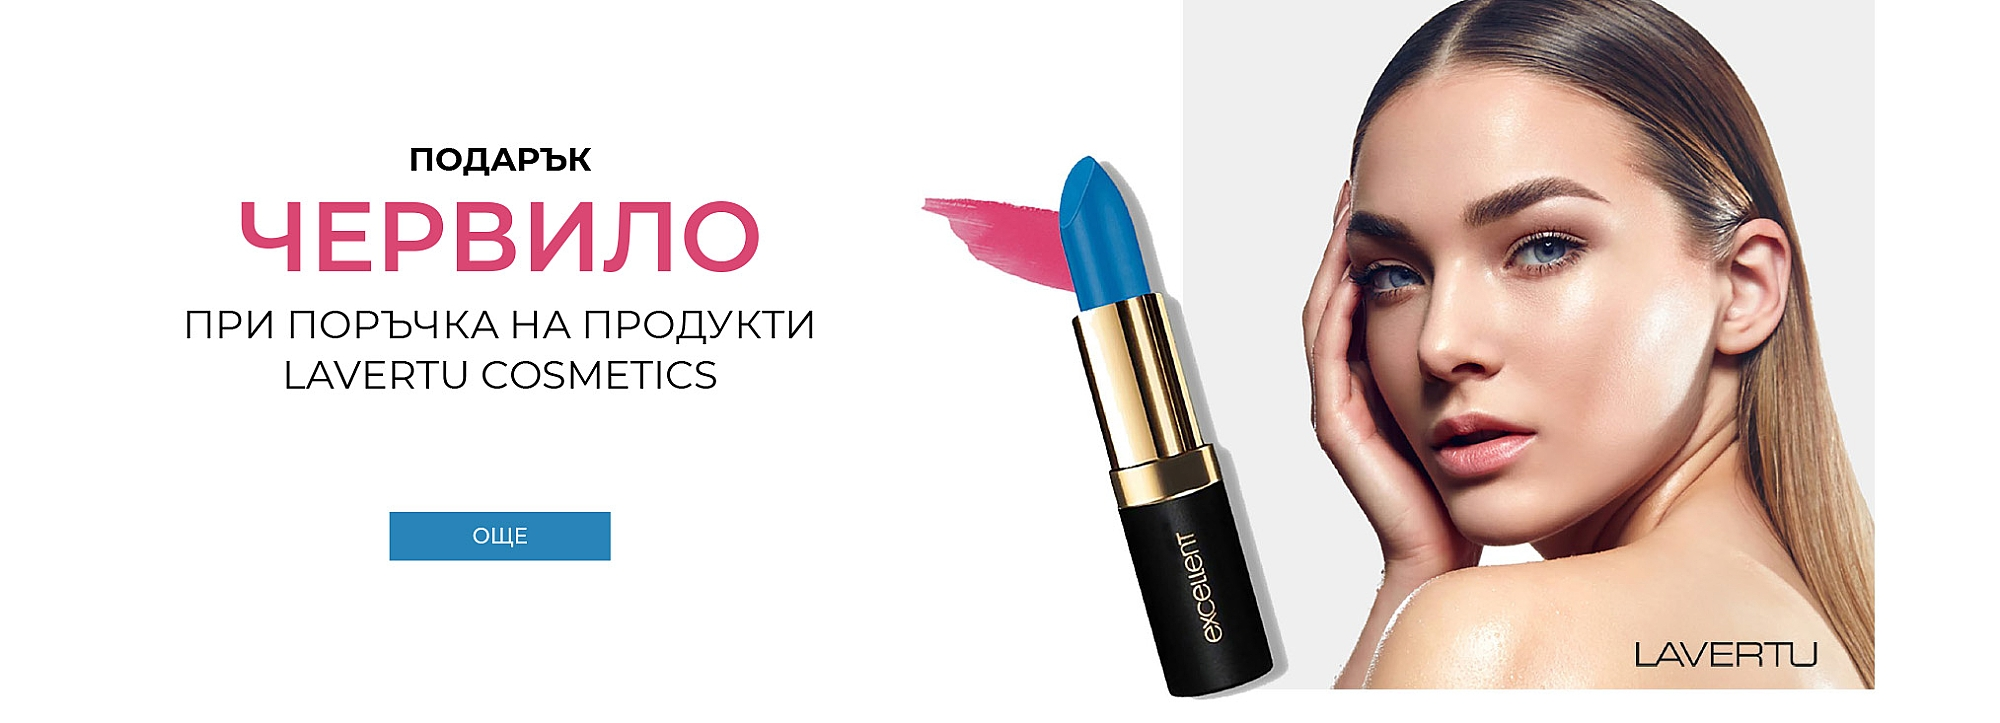 Lavertu Cosmetics